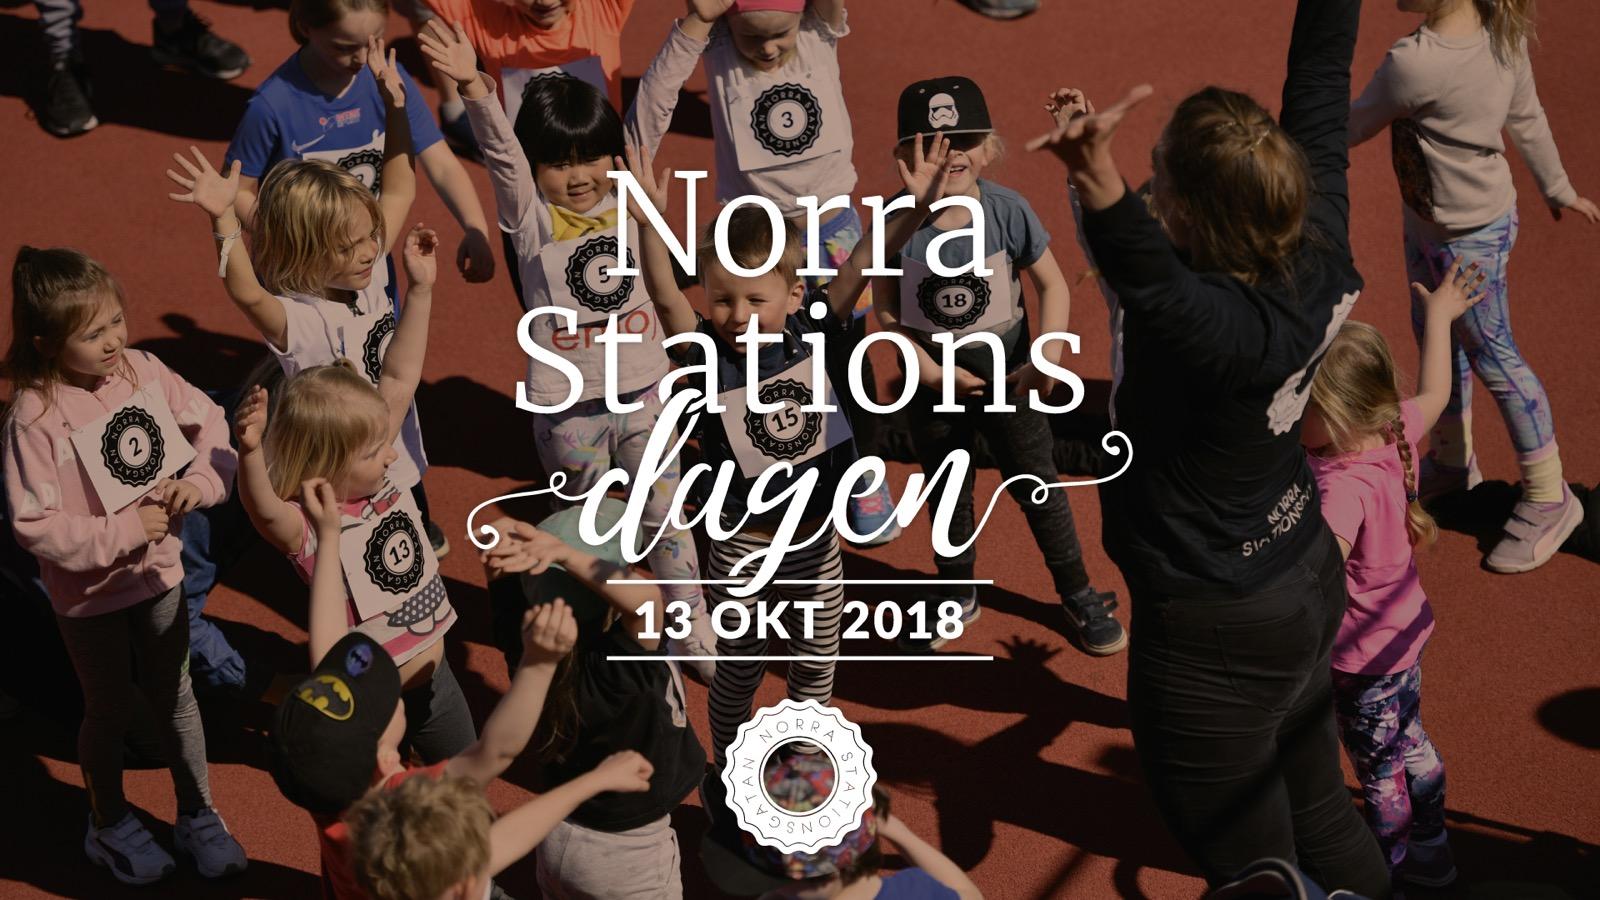 NS-Dagen-Okt-2018-1920x1080px-2 (kopia)-resize-jpg-1600px.jpg